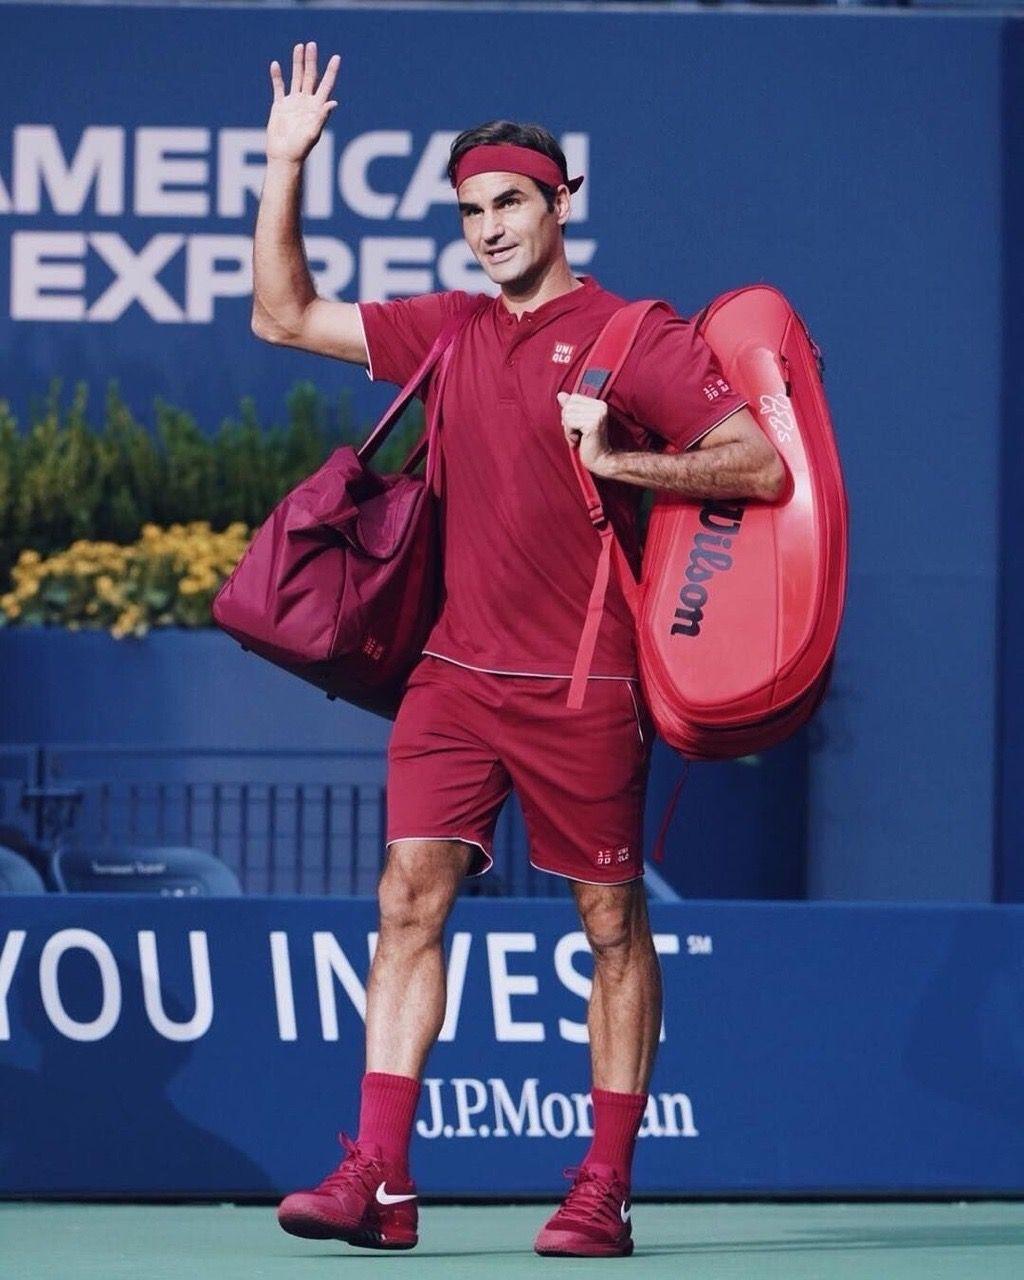 Roger Federer Usopen Tennis Roger Federer Rf Us Open Roger Federer Tennis Clothes Tennis Fashion